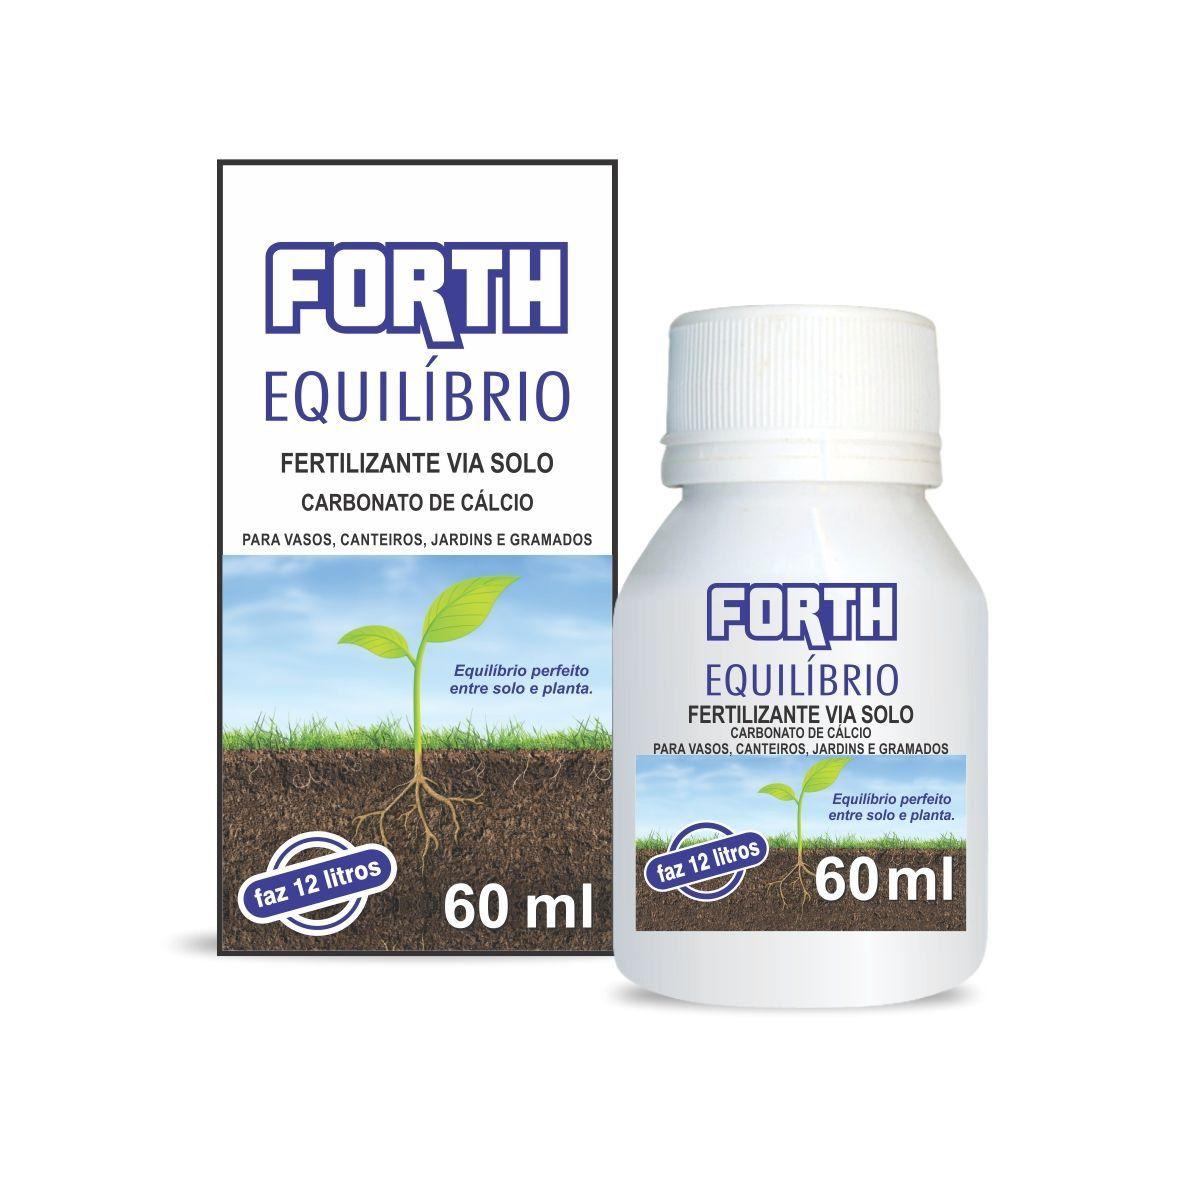 Fertilizante via solo Forth Equilíbrio 60ml concentrado (Carbonato de Cálcio)